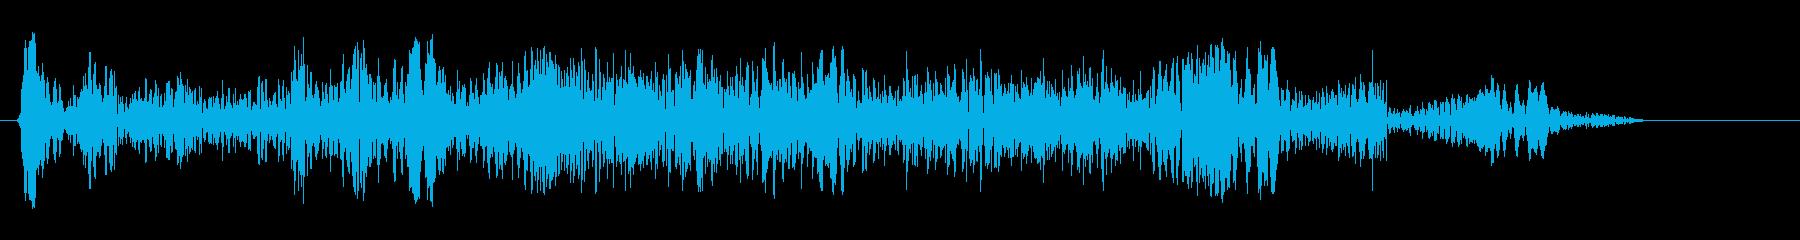 パウワウワァーウァ(不思議な反響音です)の再生済みの波形